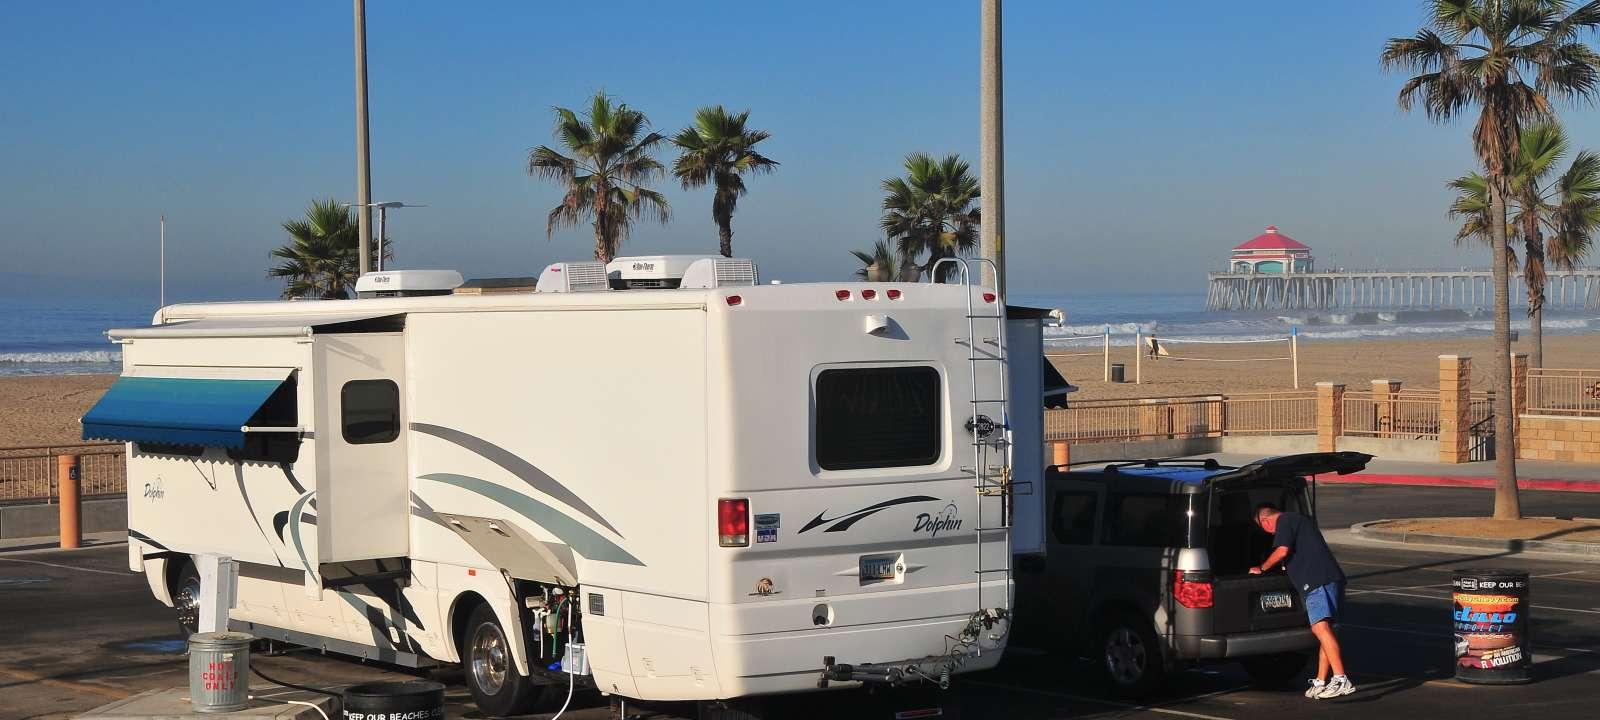 d64a2a0d1f RV Camping in Huntington Beach